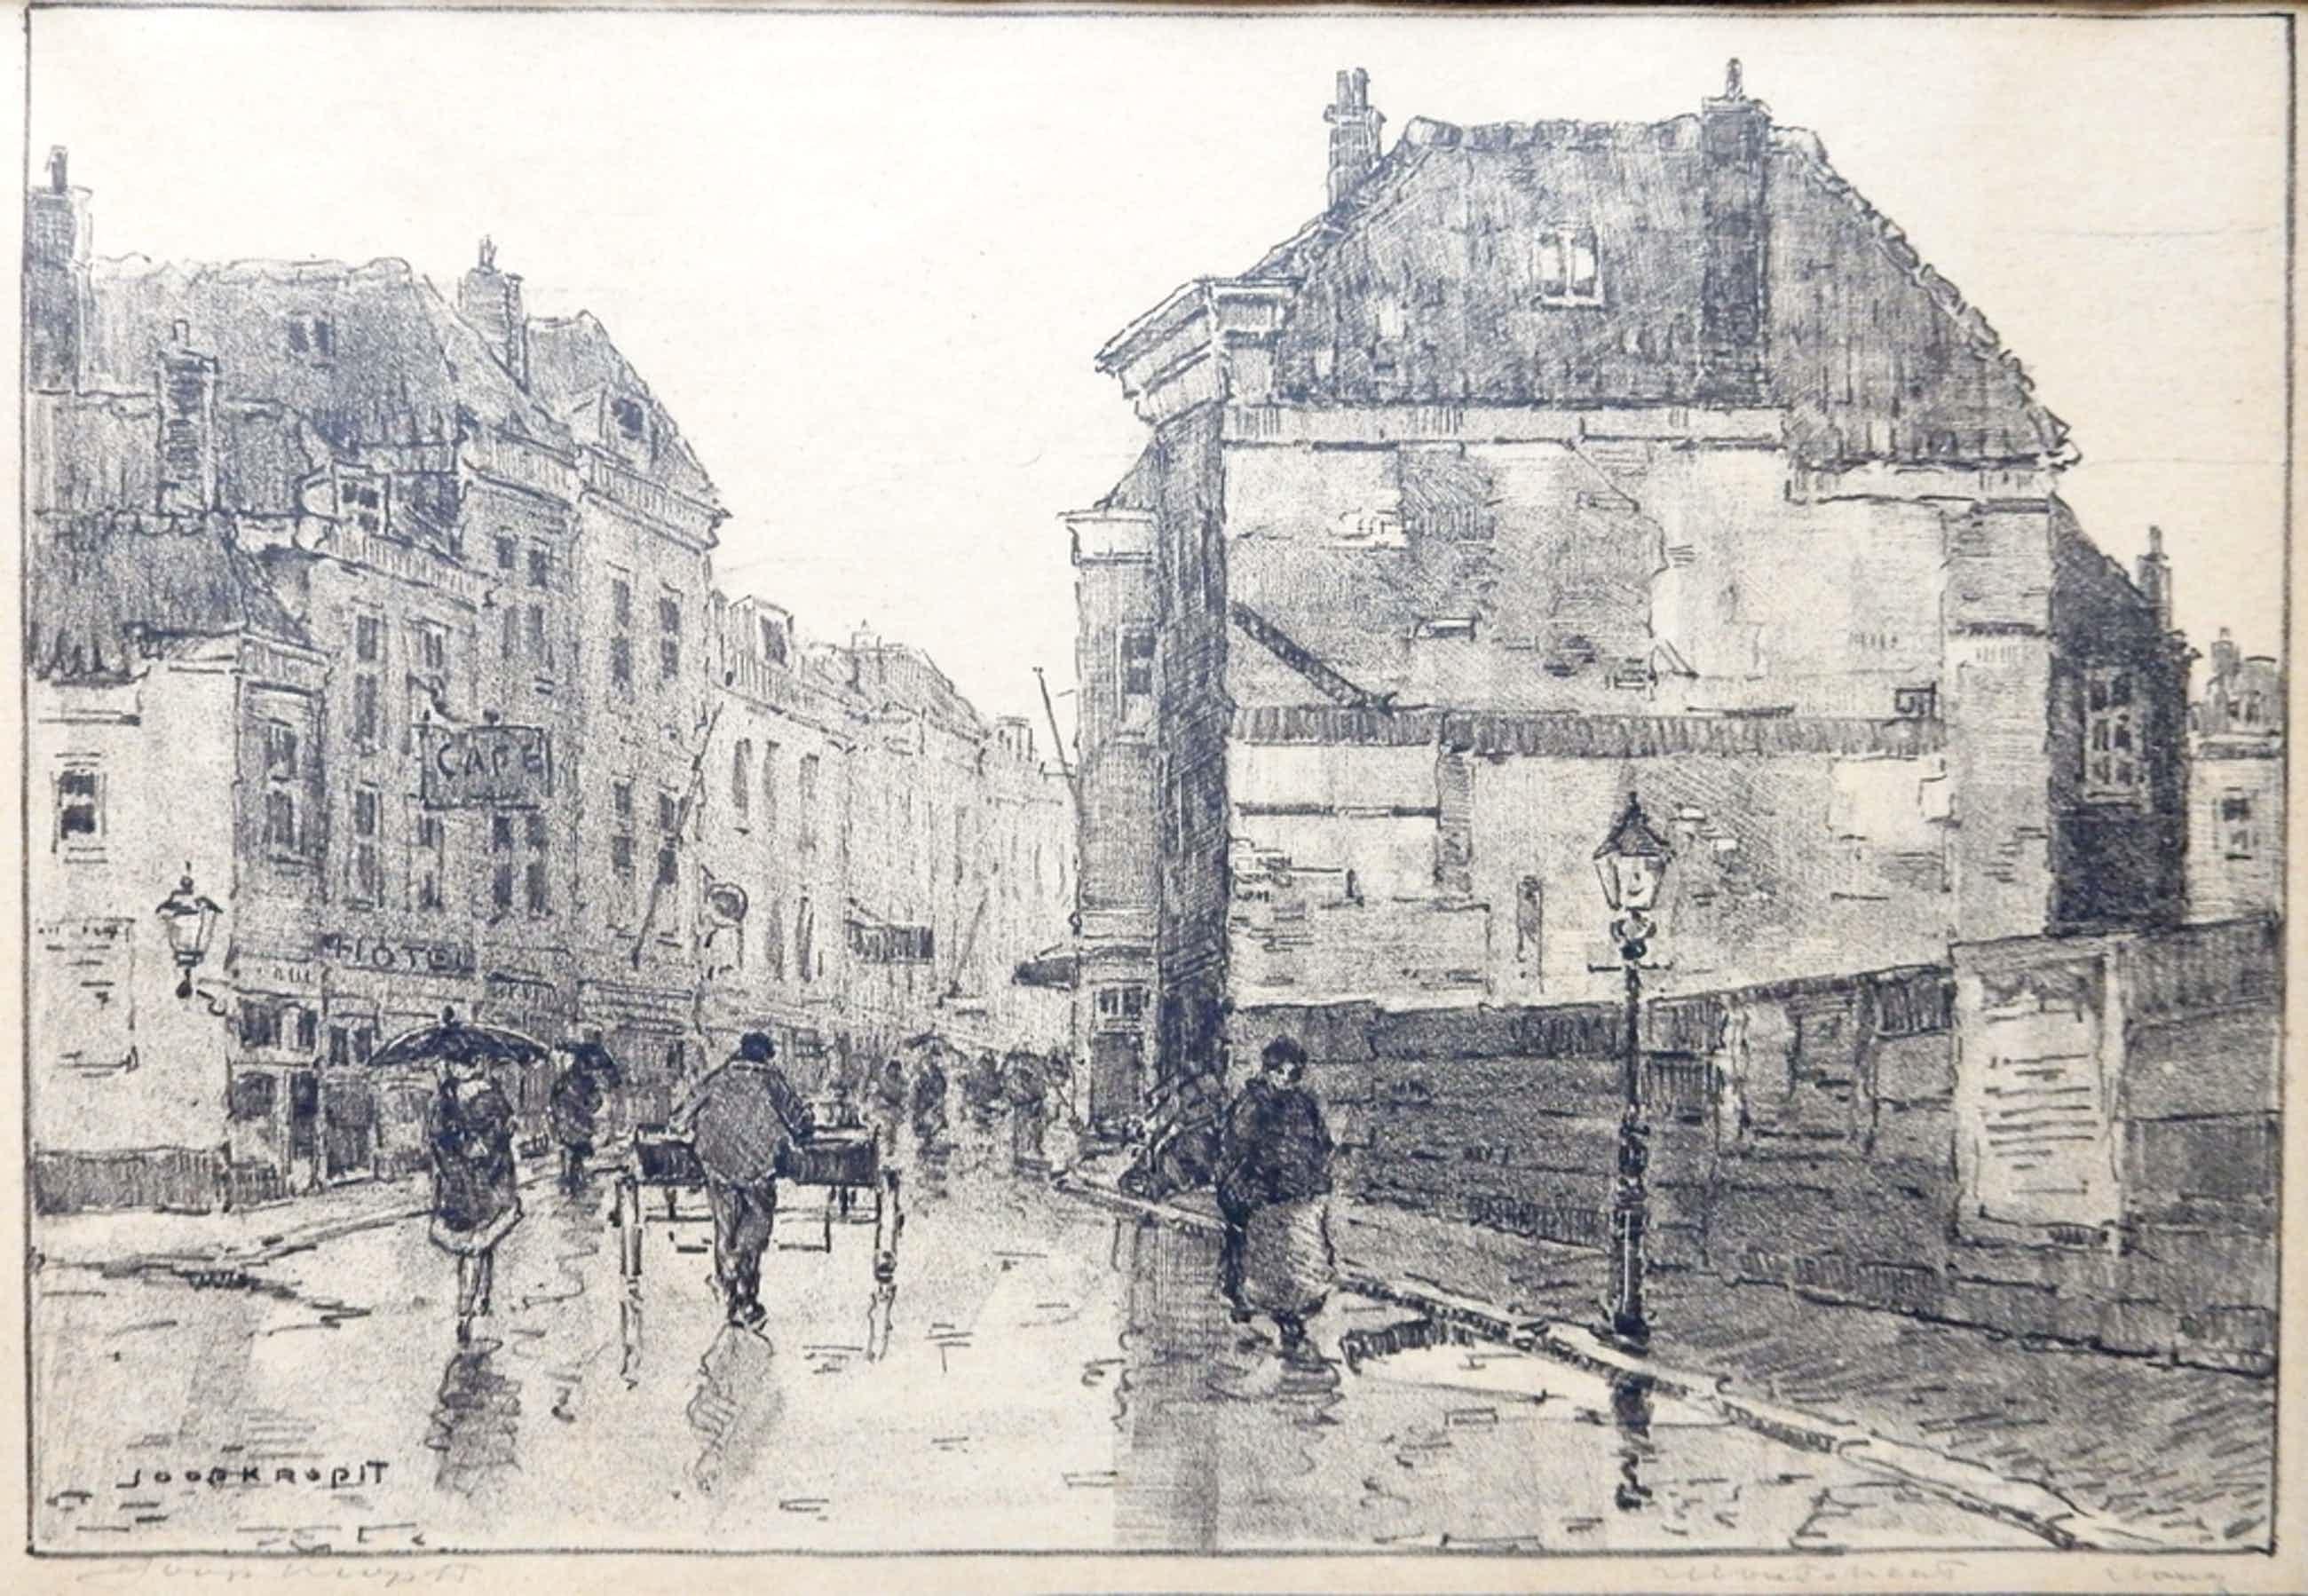 Joop Kropff (1892-1979) - Litho Moutstraat Utrecht kopen? Bied vanaf 150!